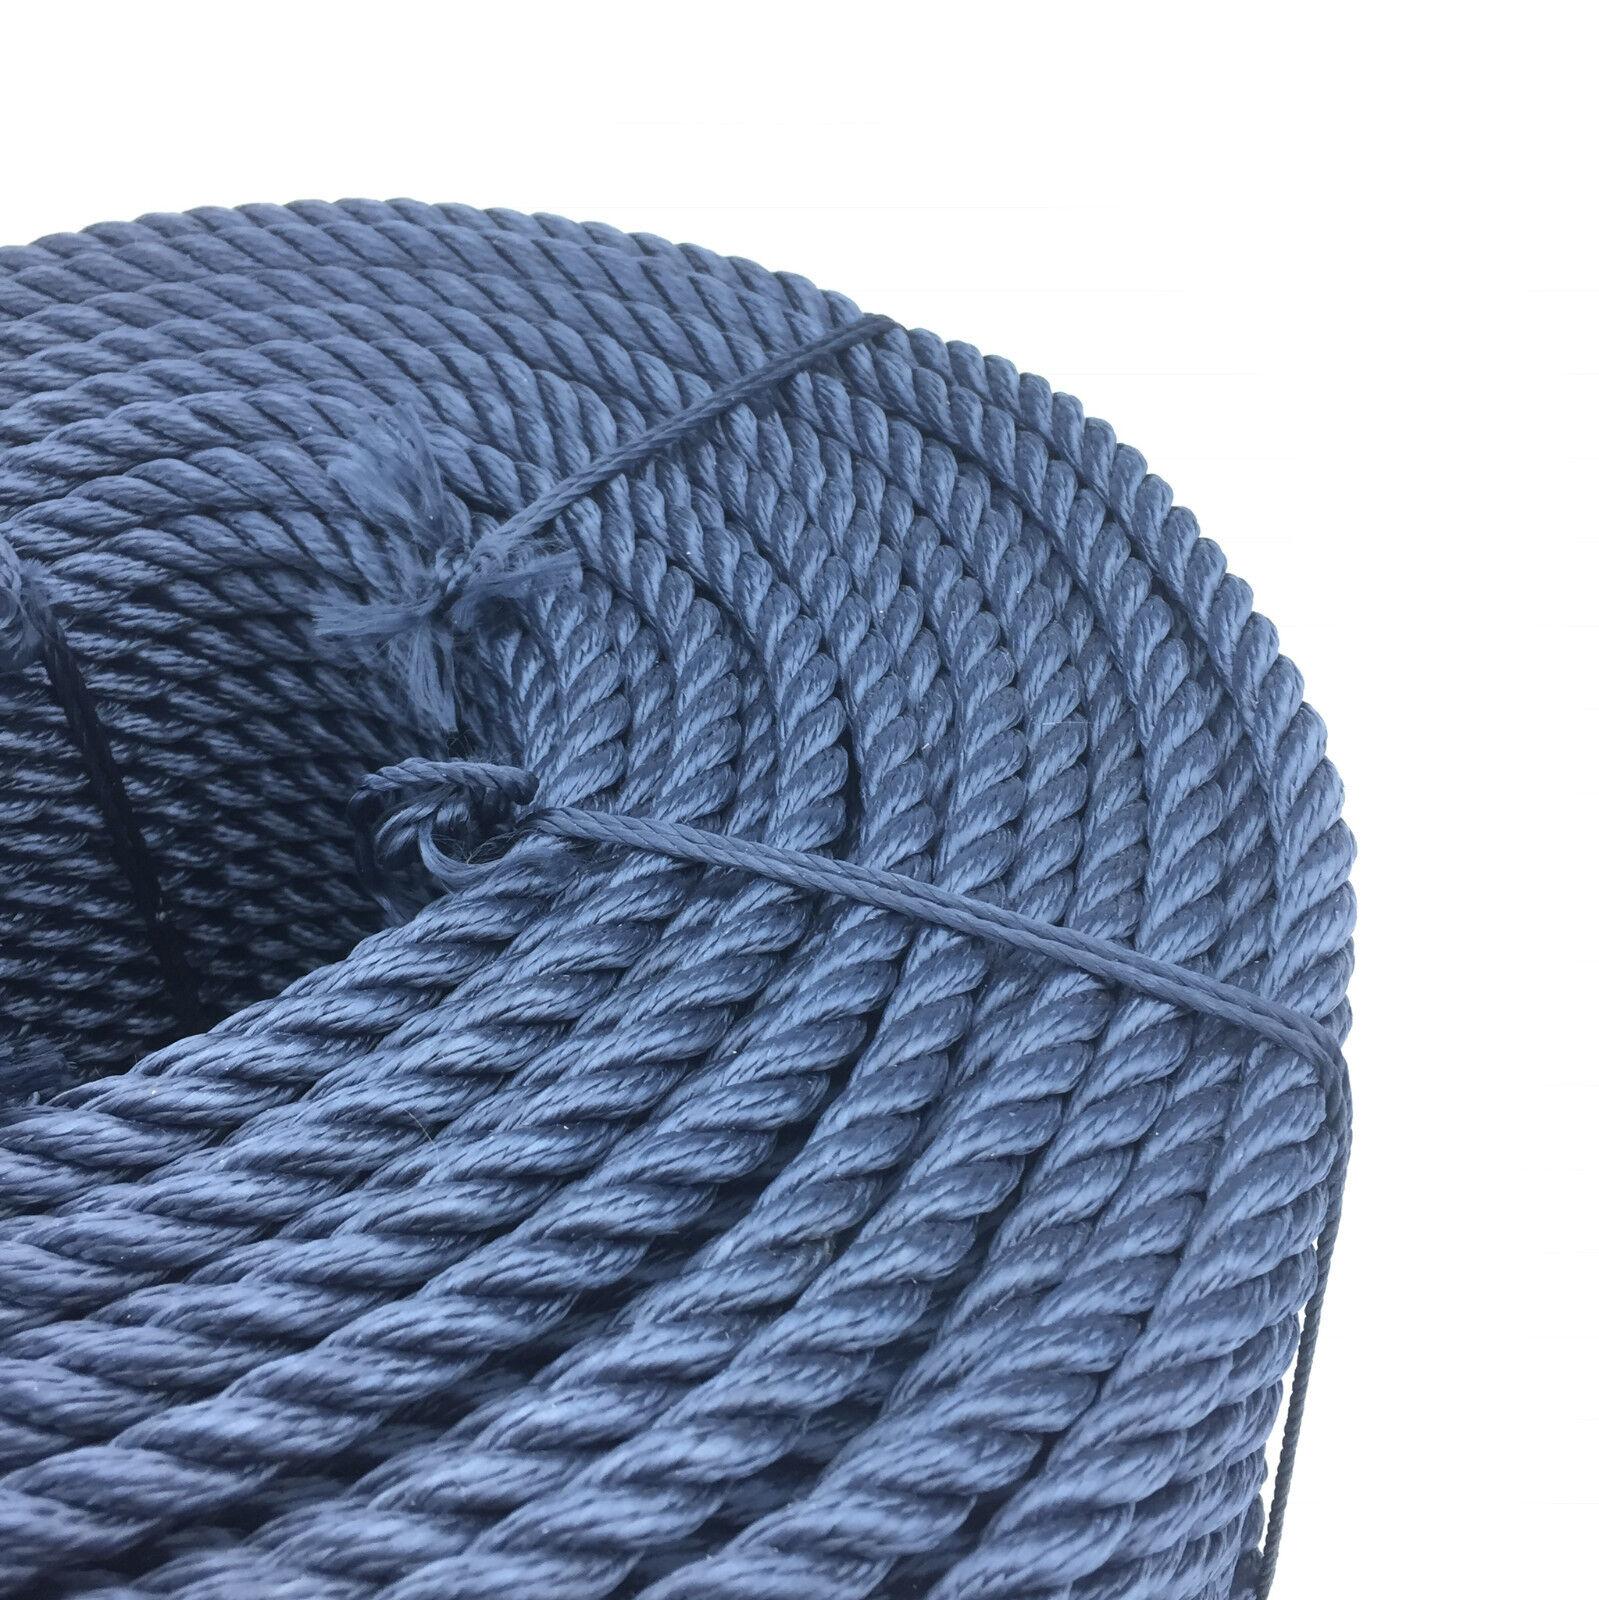 24mm marineblau 3-Strang Multifilament x 50 m (schwimmende Seil) Seil Softline Seil Seil) a20fb9